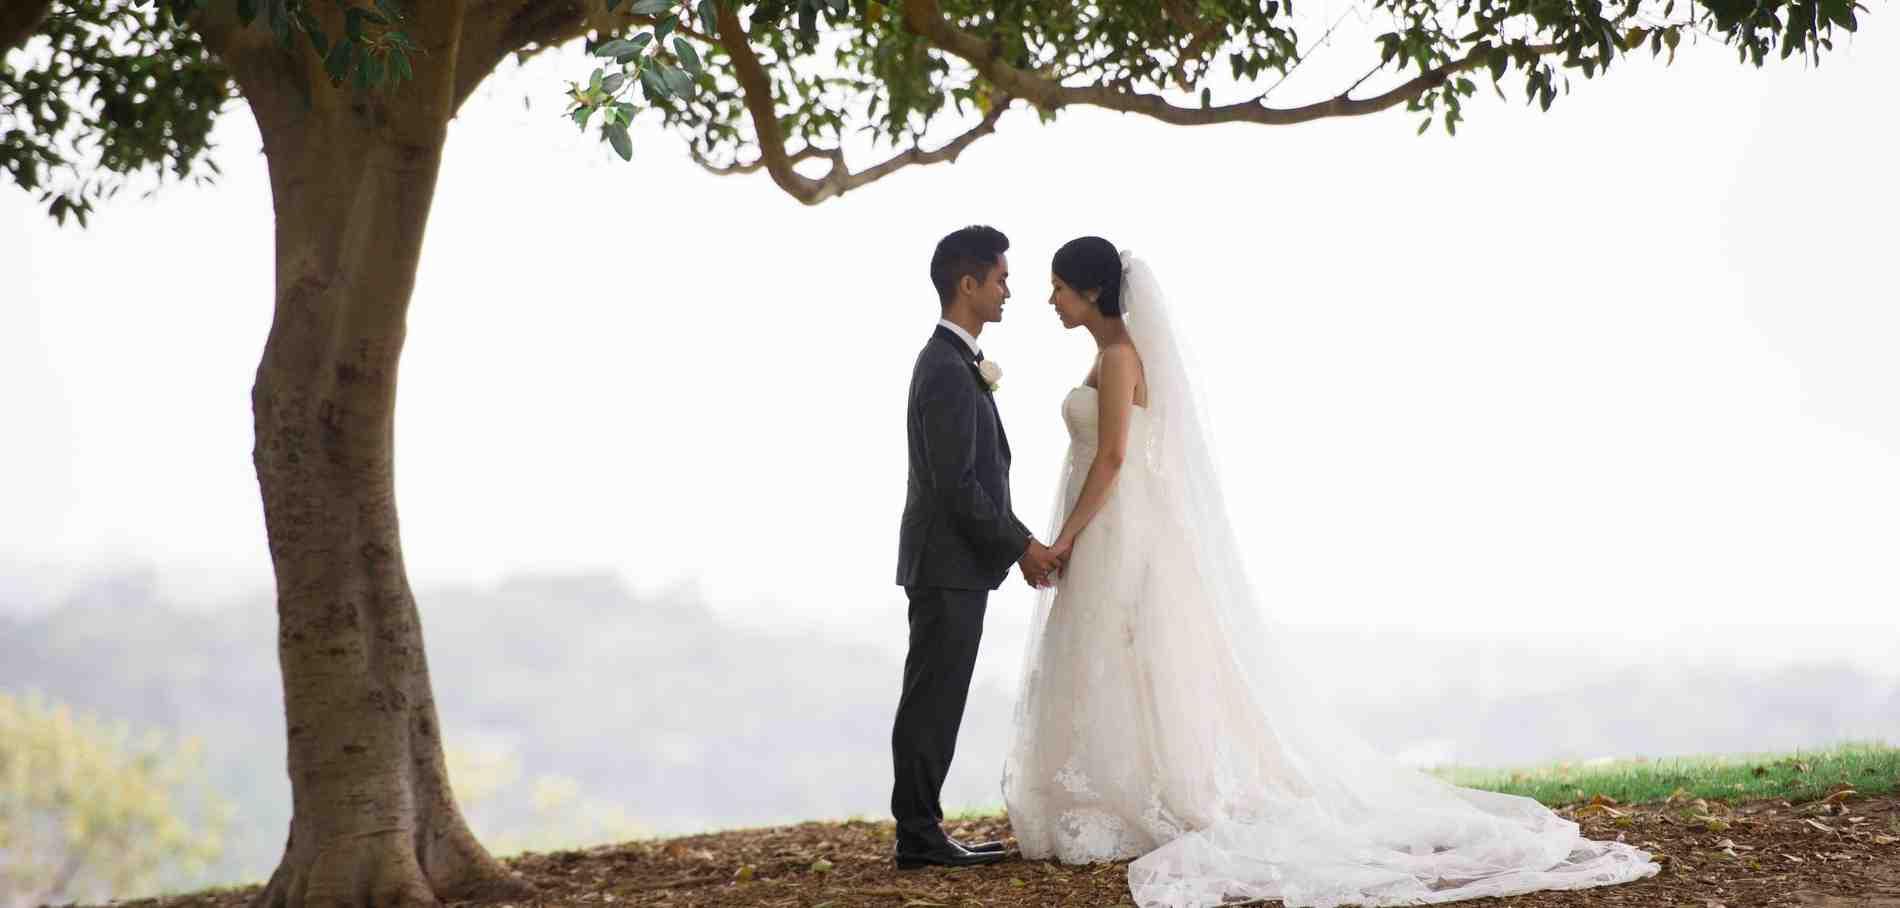 Comment bien organiser son mariage civil ?